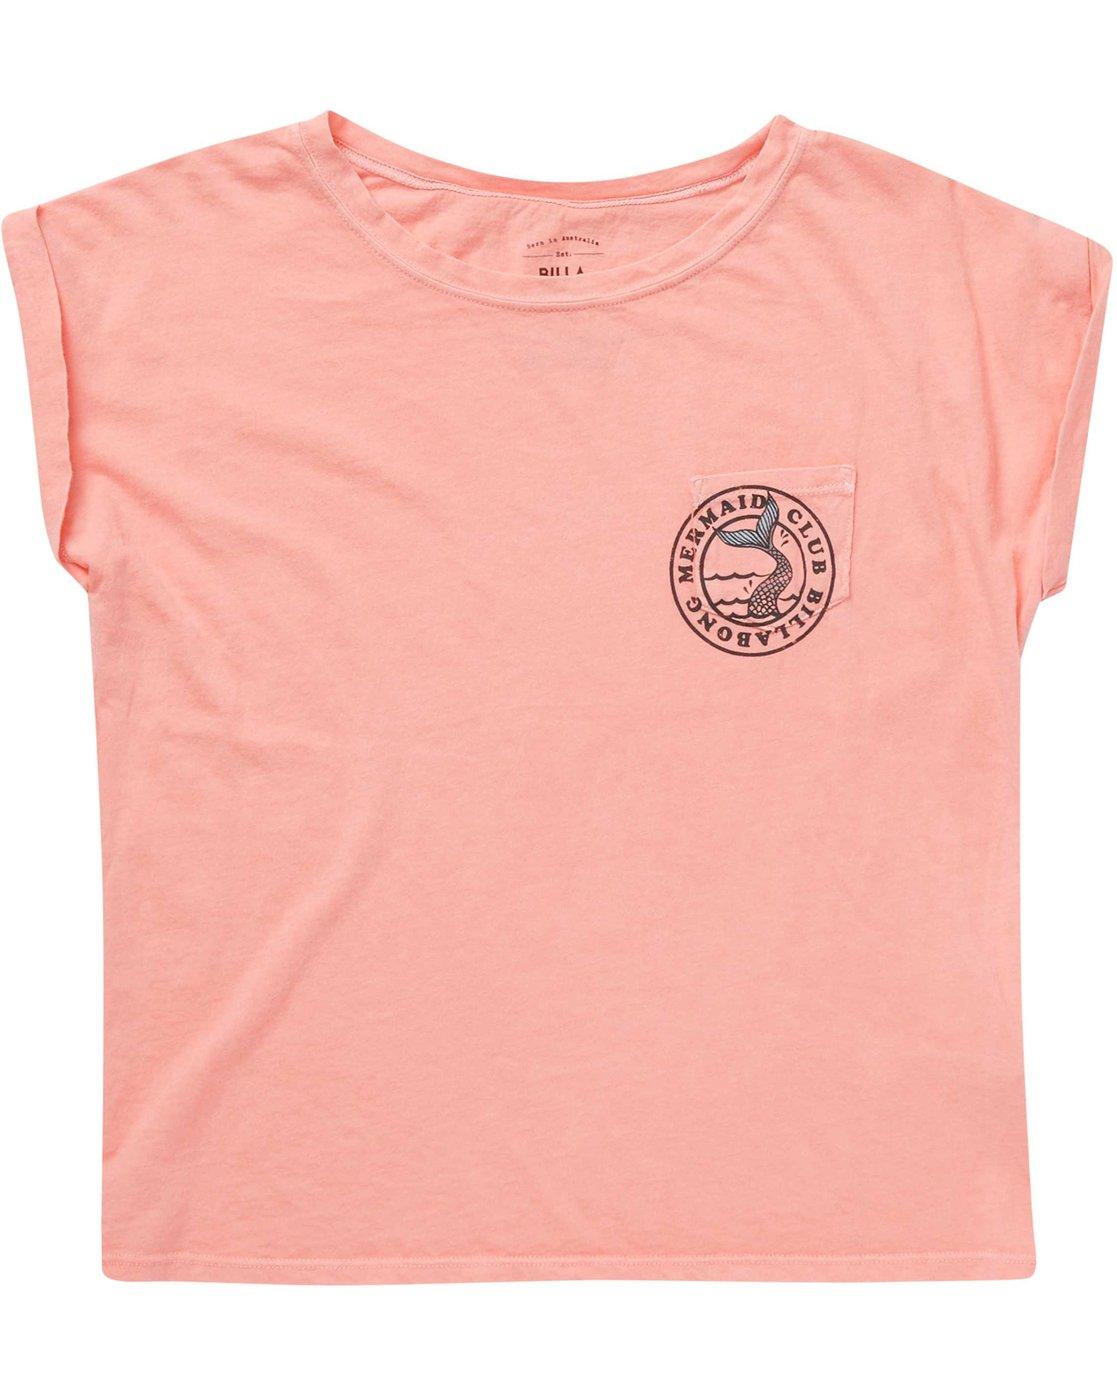 Billabong Girls Short Sleeve /'MERMAID ALL DAY/' Cotton Blend Graphic T-Shirt